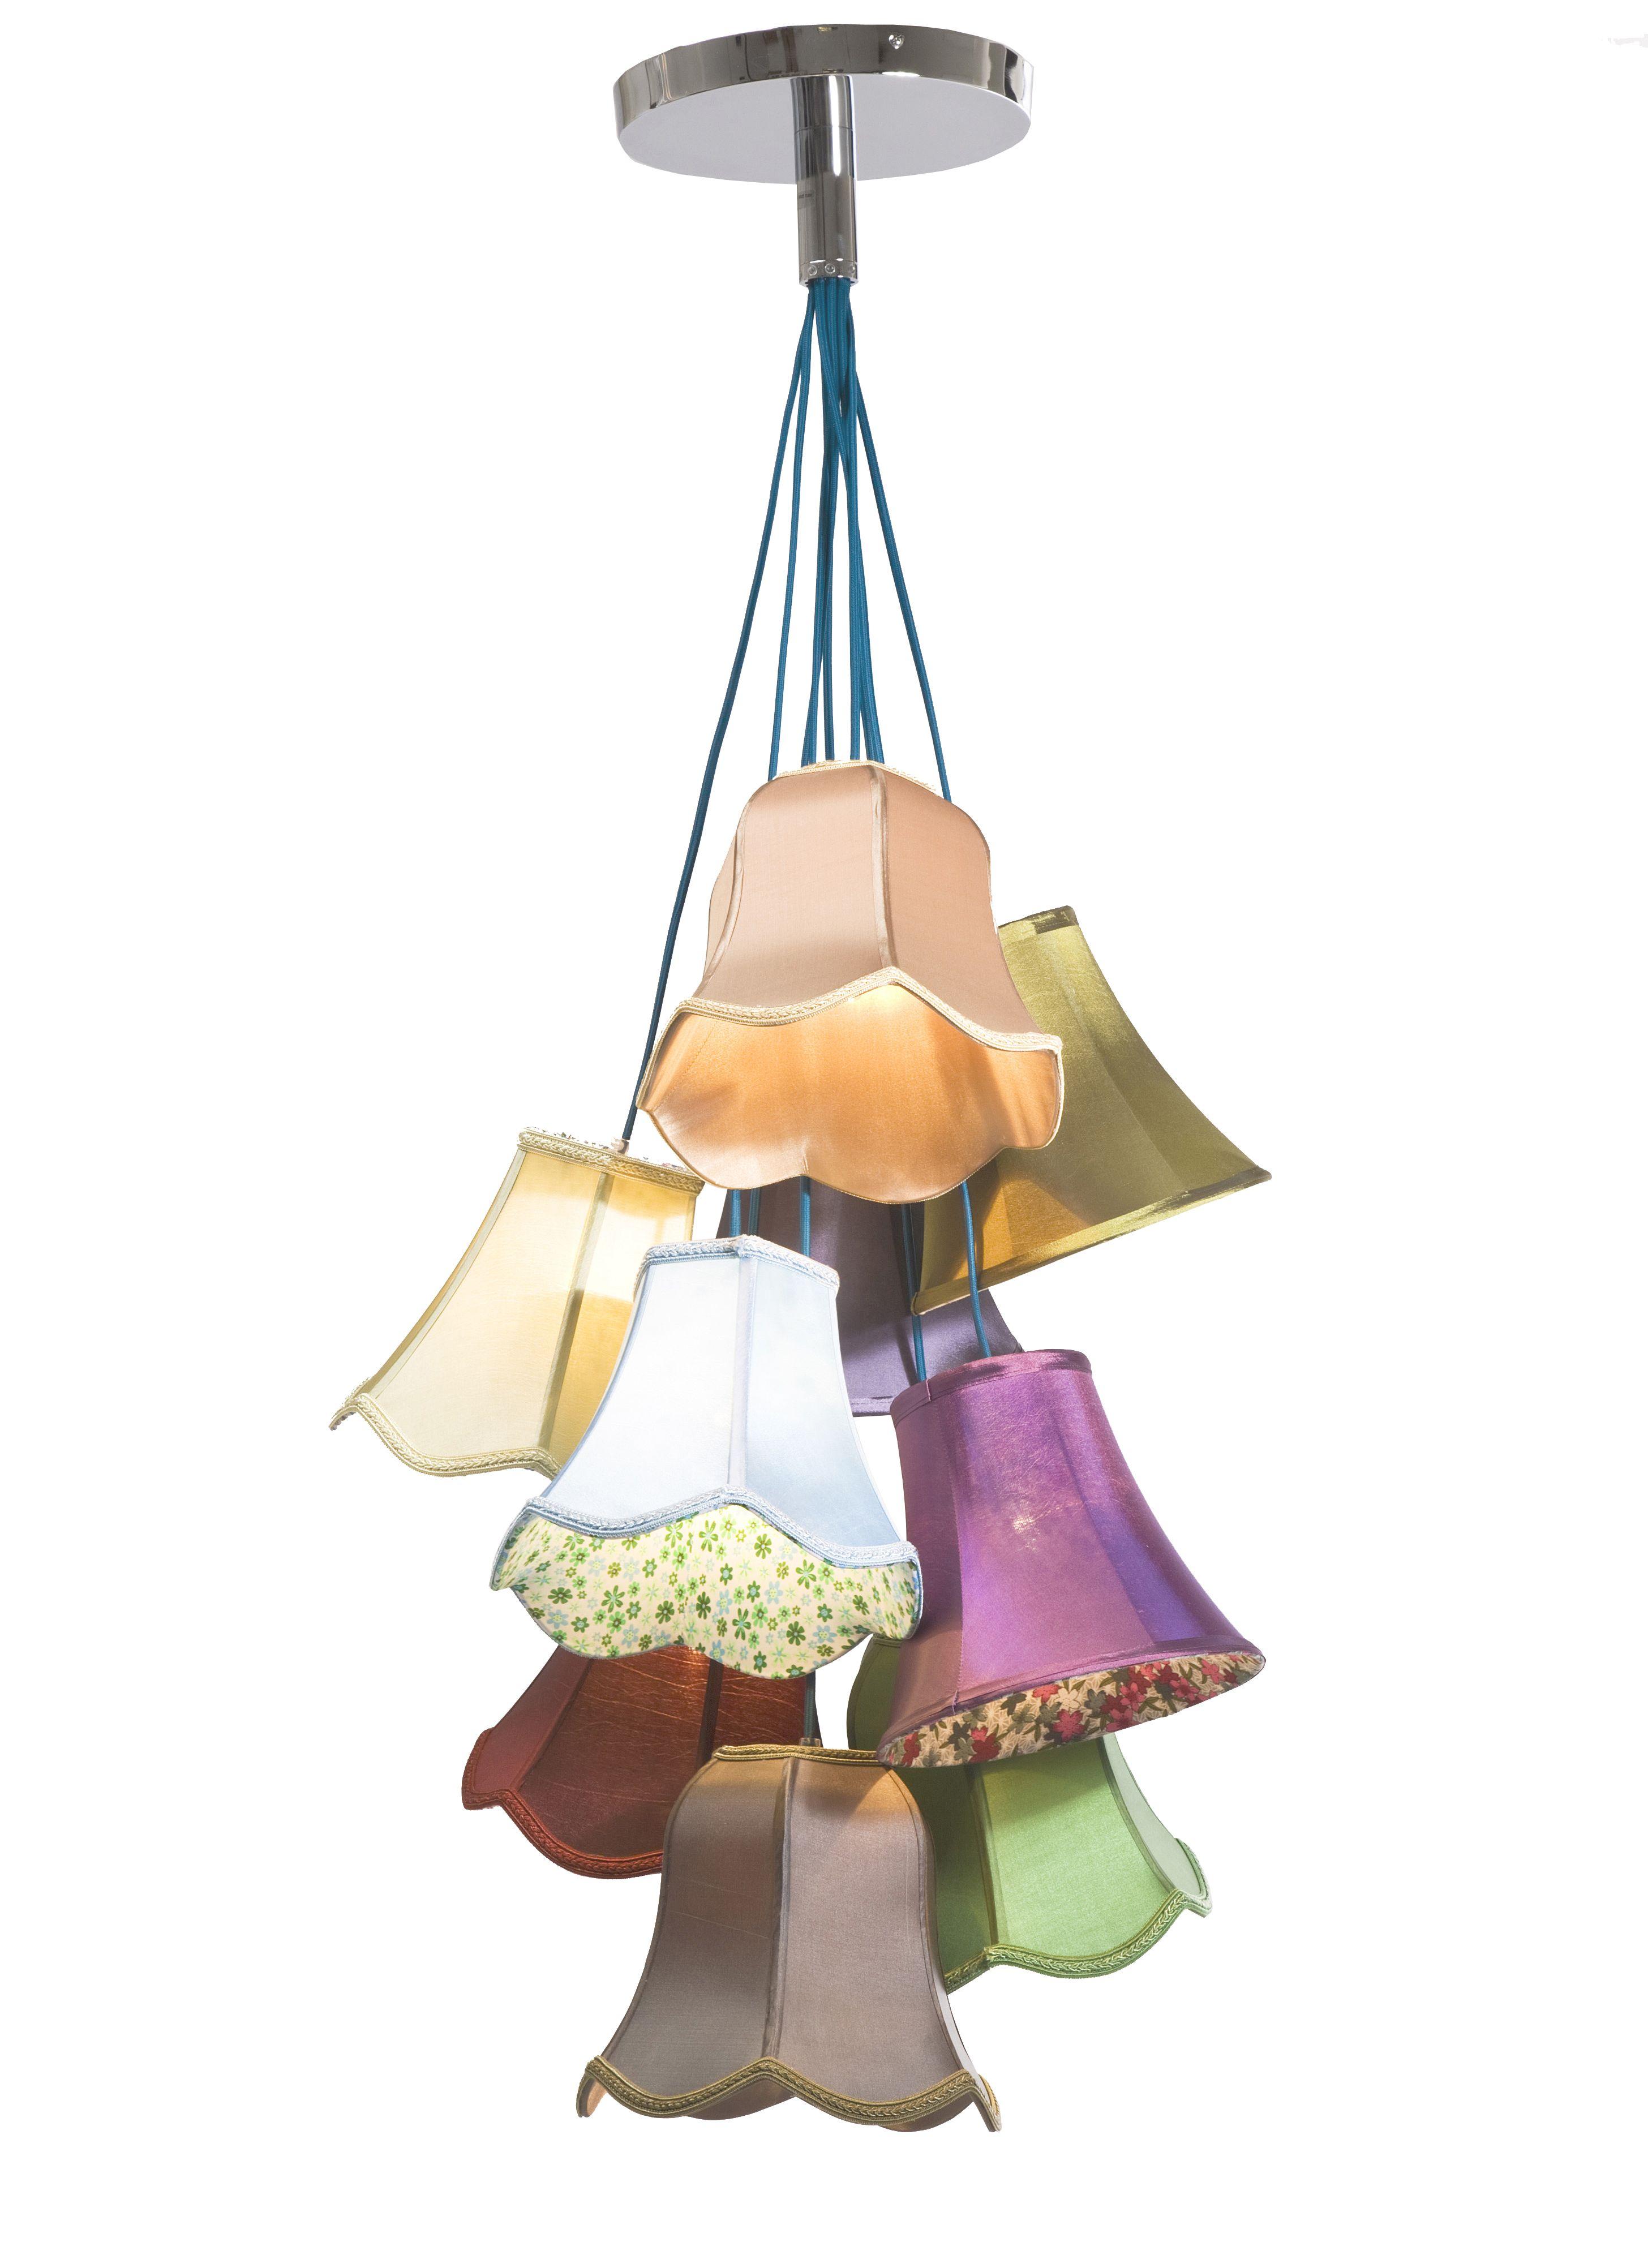 Top 10 Modern Floor Lamps 2019 Warisan Lighting Oversized Pendant Light Ceiling Pendant Ceiling Pendant Lights